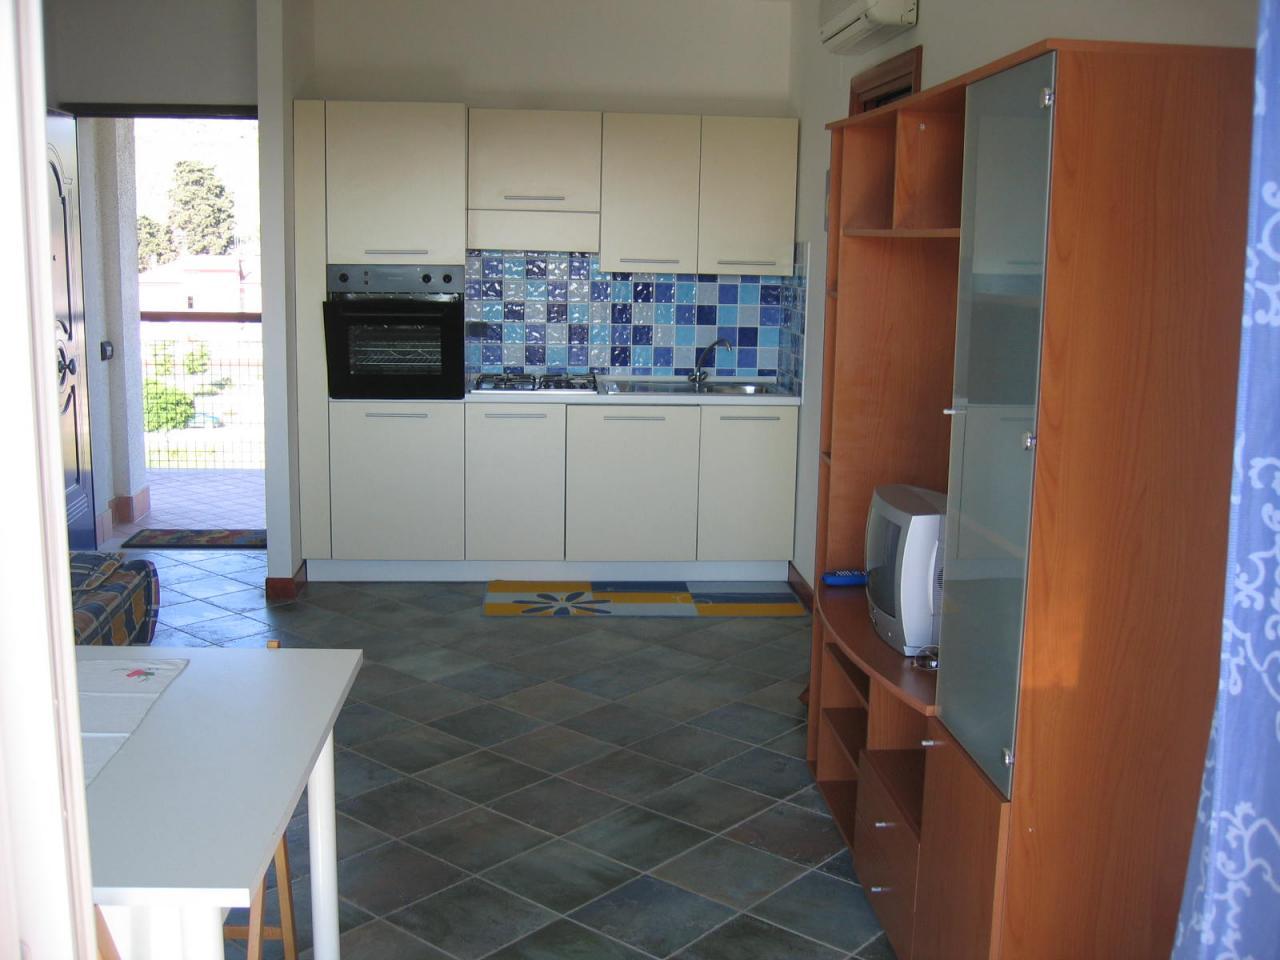 Appartamento in vendita a Giulianova, 4 locali, zona Località: Lido, prezzo € 260.000 | CambioCasa.it